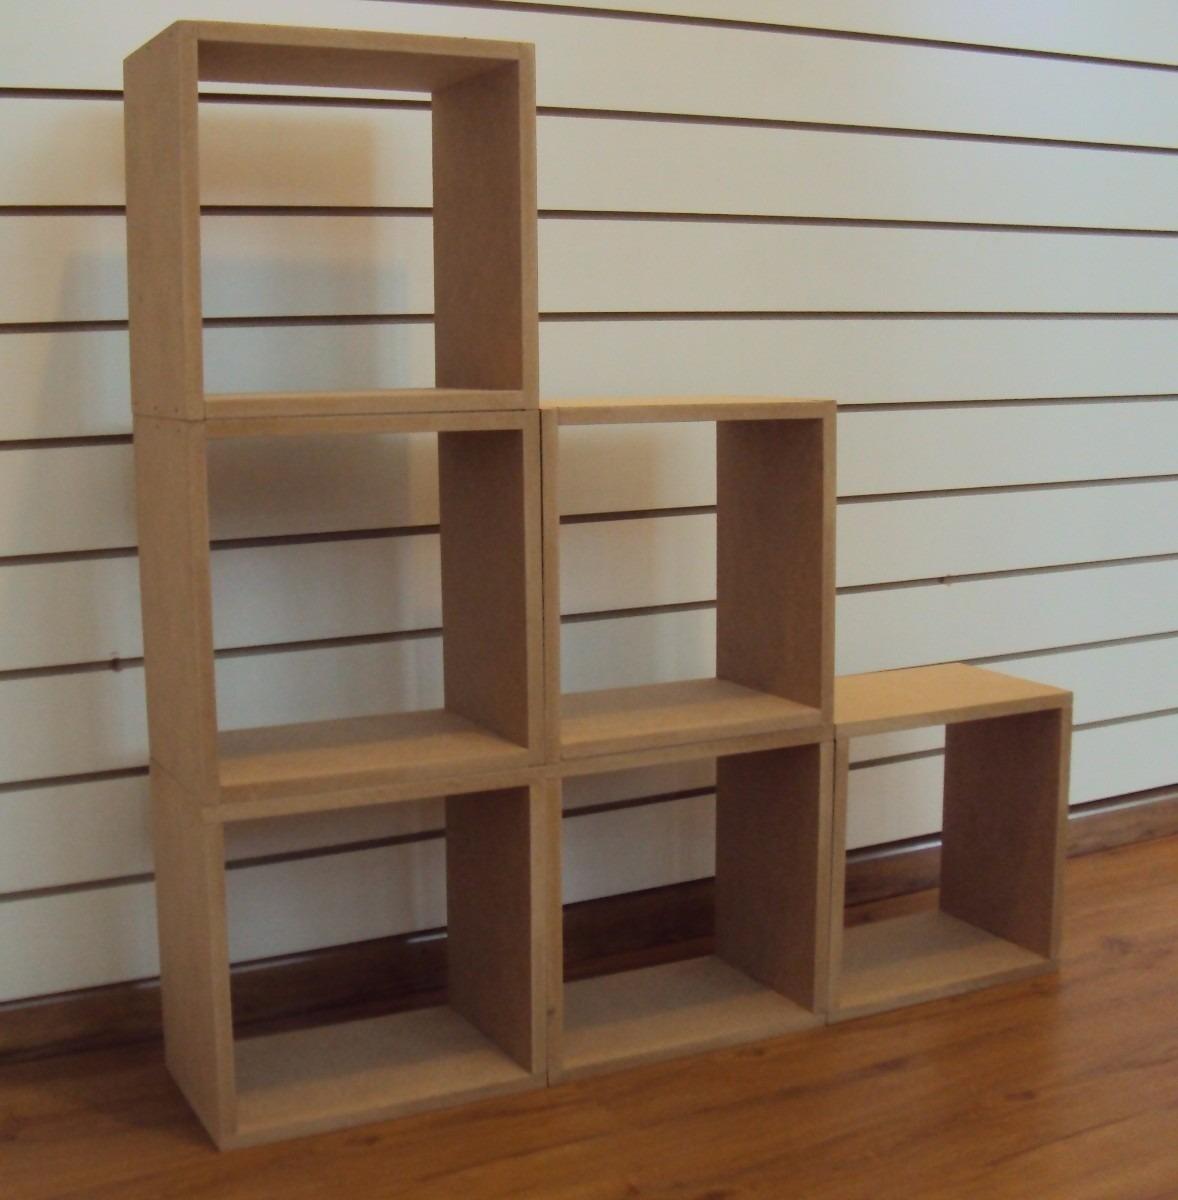 Muebles modernos para tv y consola de juegos o sonido bs - Muebles de escayola modernos ...